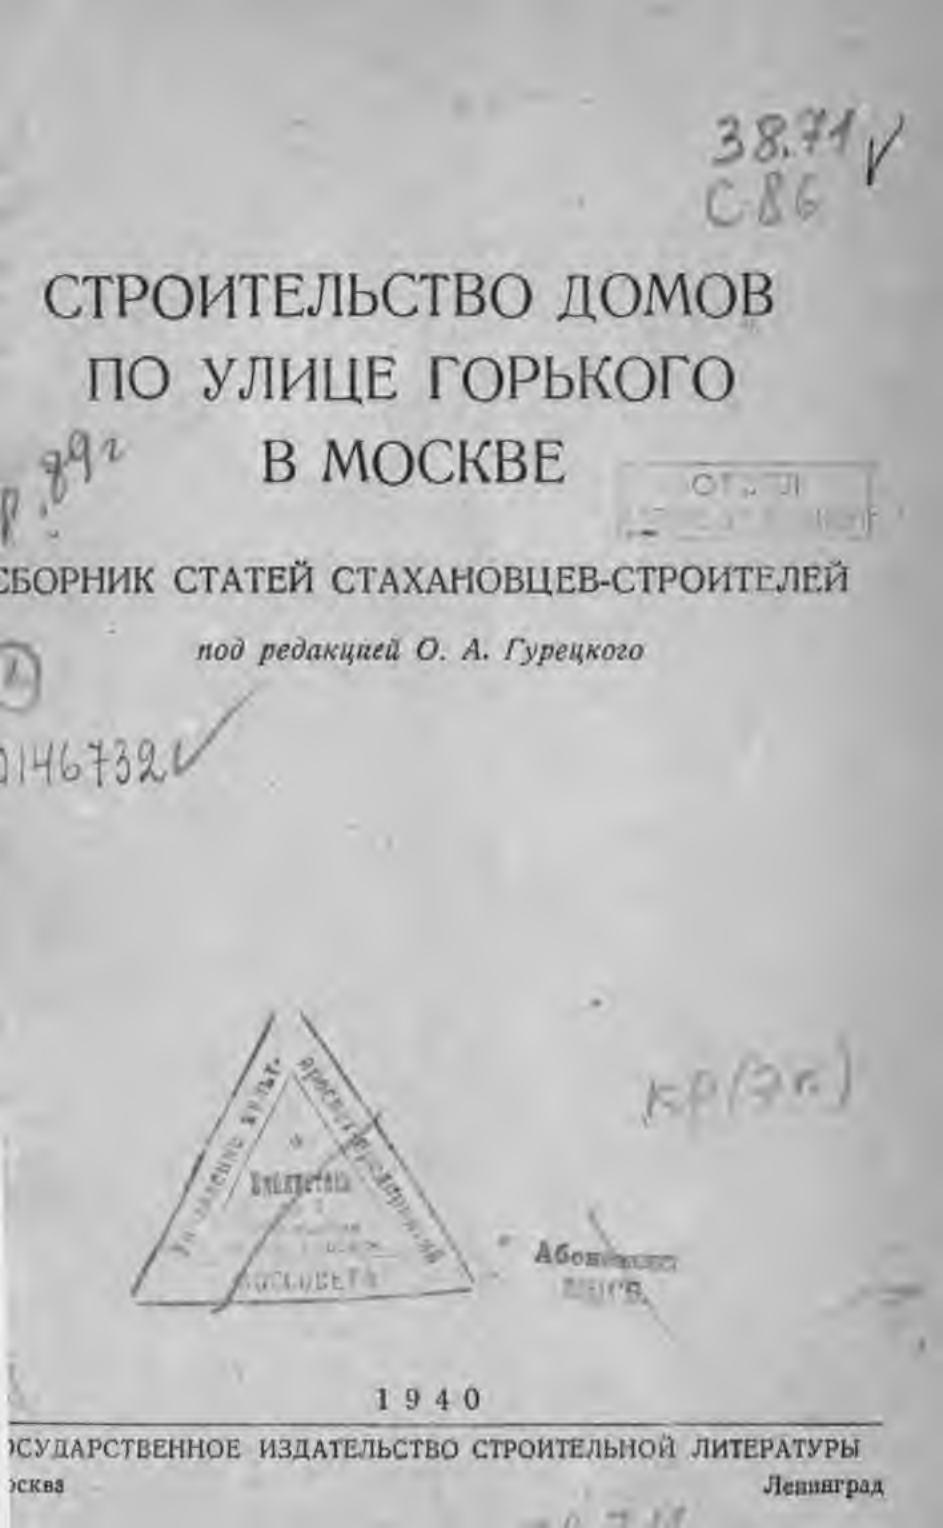 stroitelstvo-domov-po-ulitce-gorkogo-v-moskve-1940_Page5.jpg